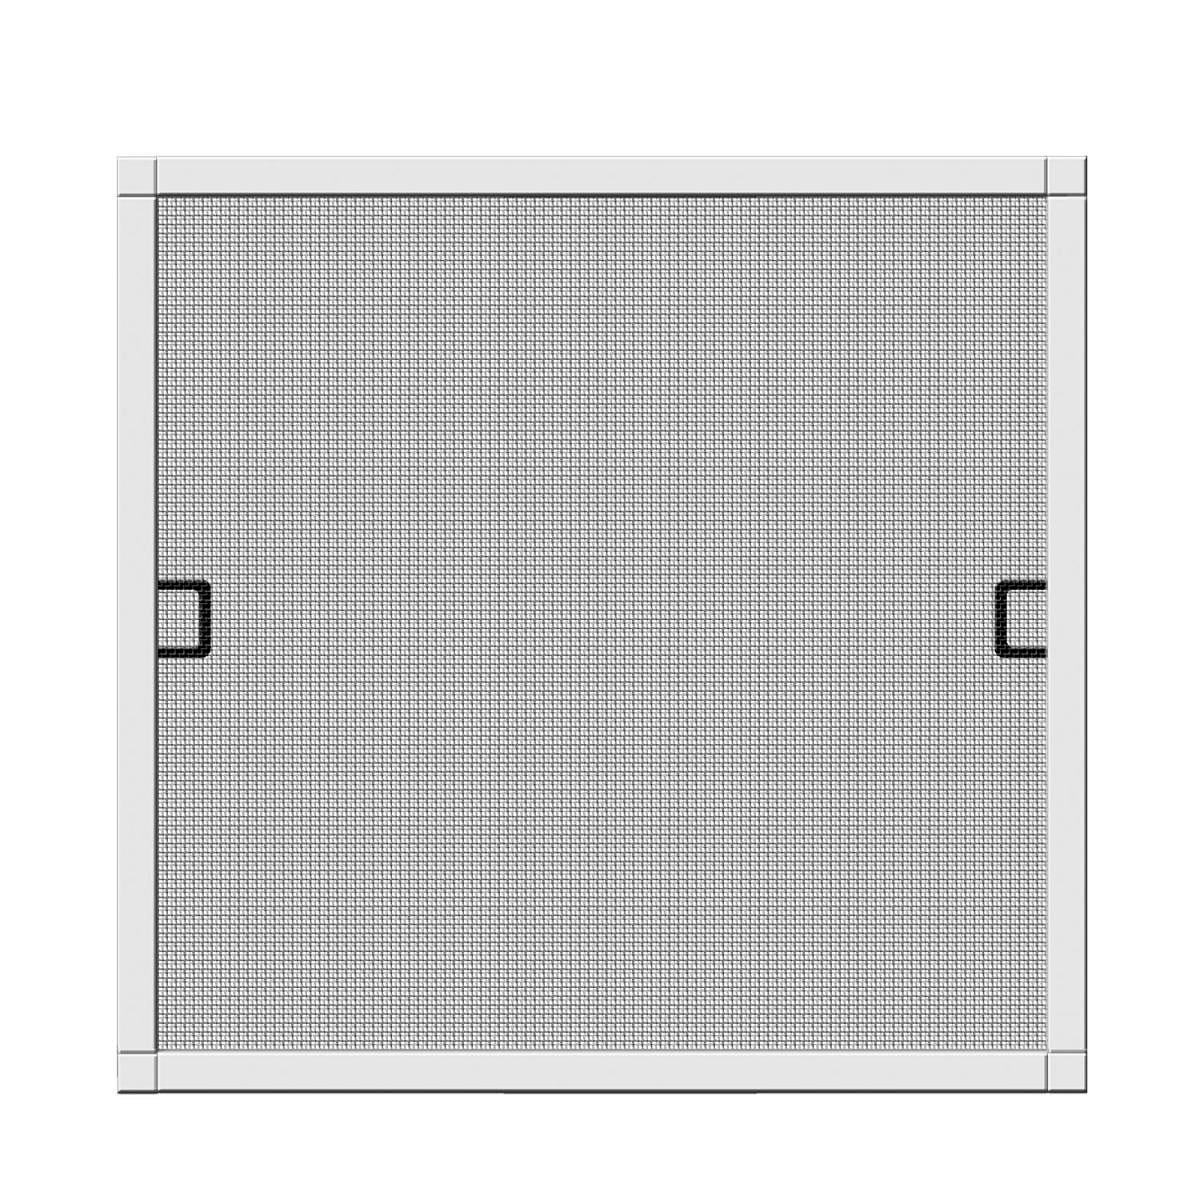 Full Size of Schellenberg Insektenschutz Fenster Premium Günstige Fliegengitter Aron Einbruchschutz Maße Alu Rollos Klebefolie Für Erneuern Standardmaße Rehau Fenster Insektenschutz Fenster